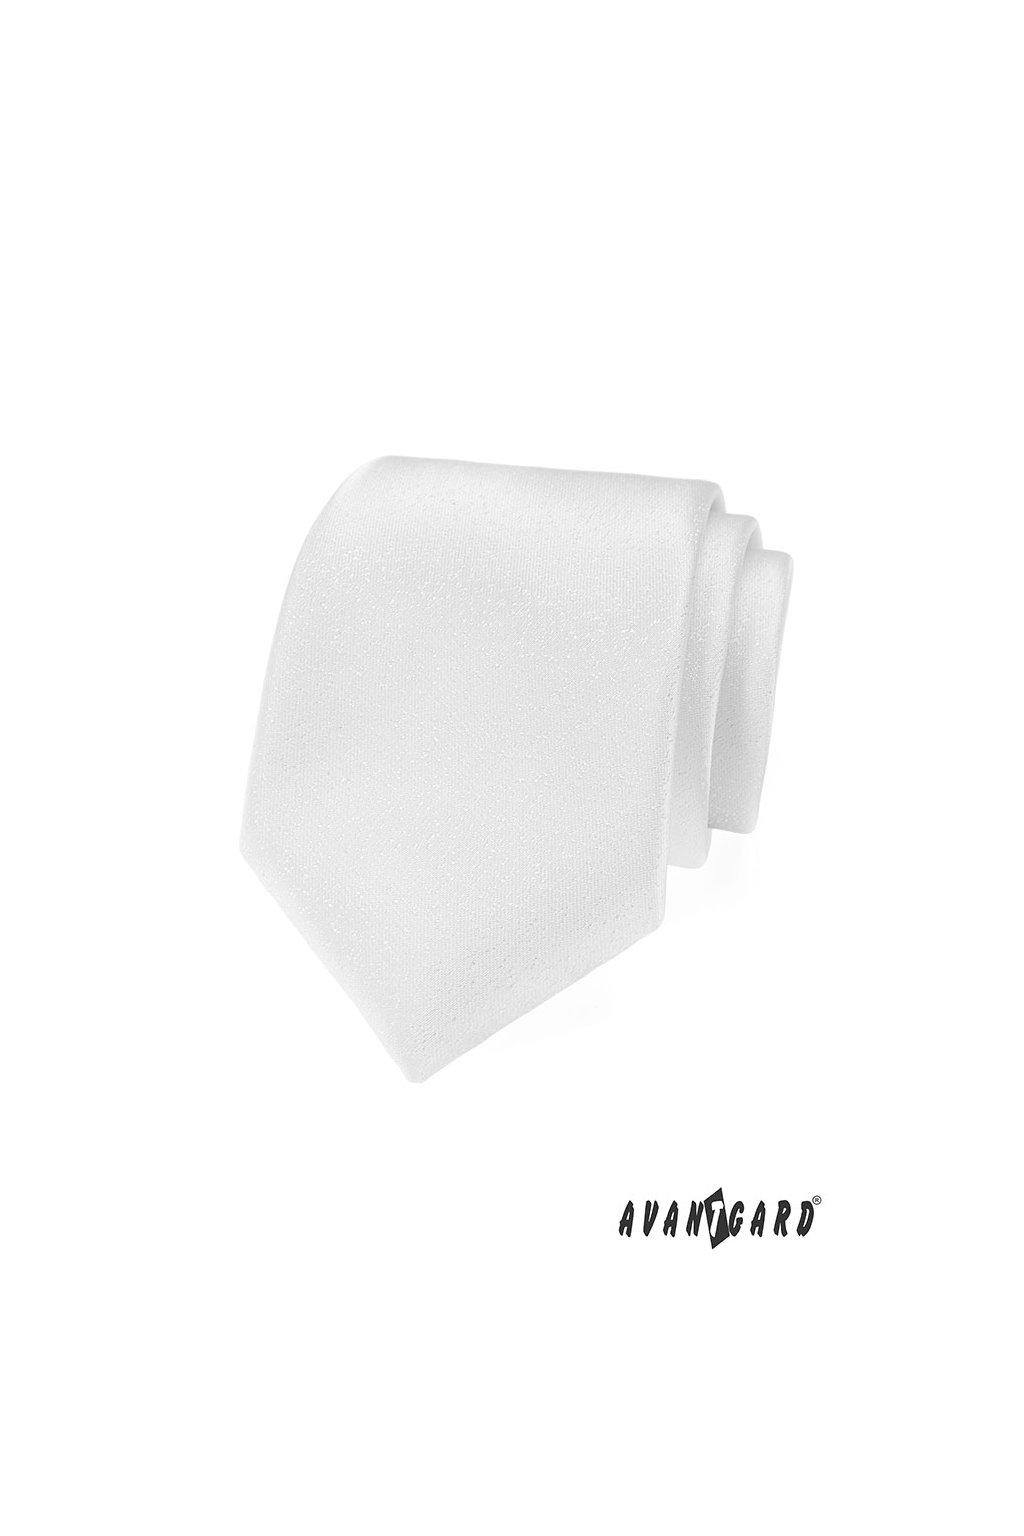 Bílá jemná luxusní kravata 561 - 9590